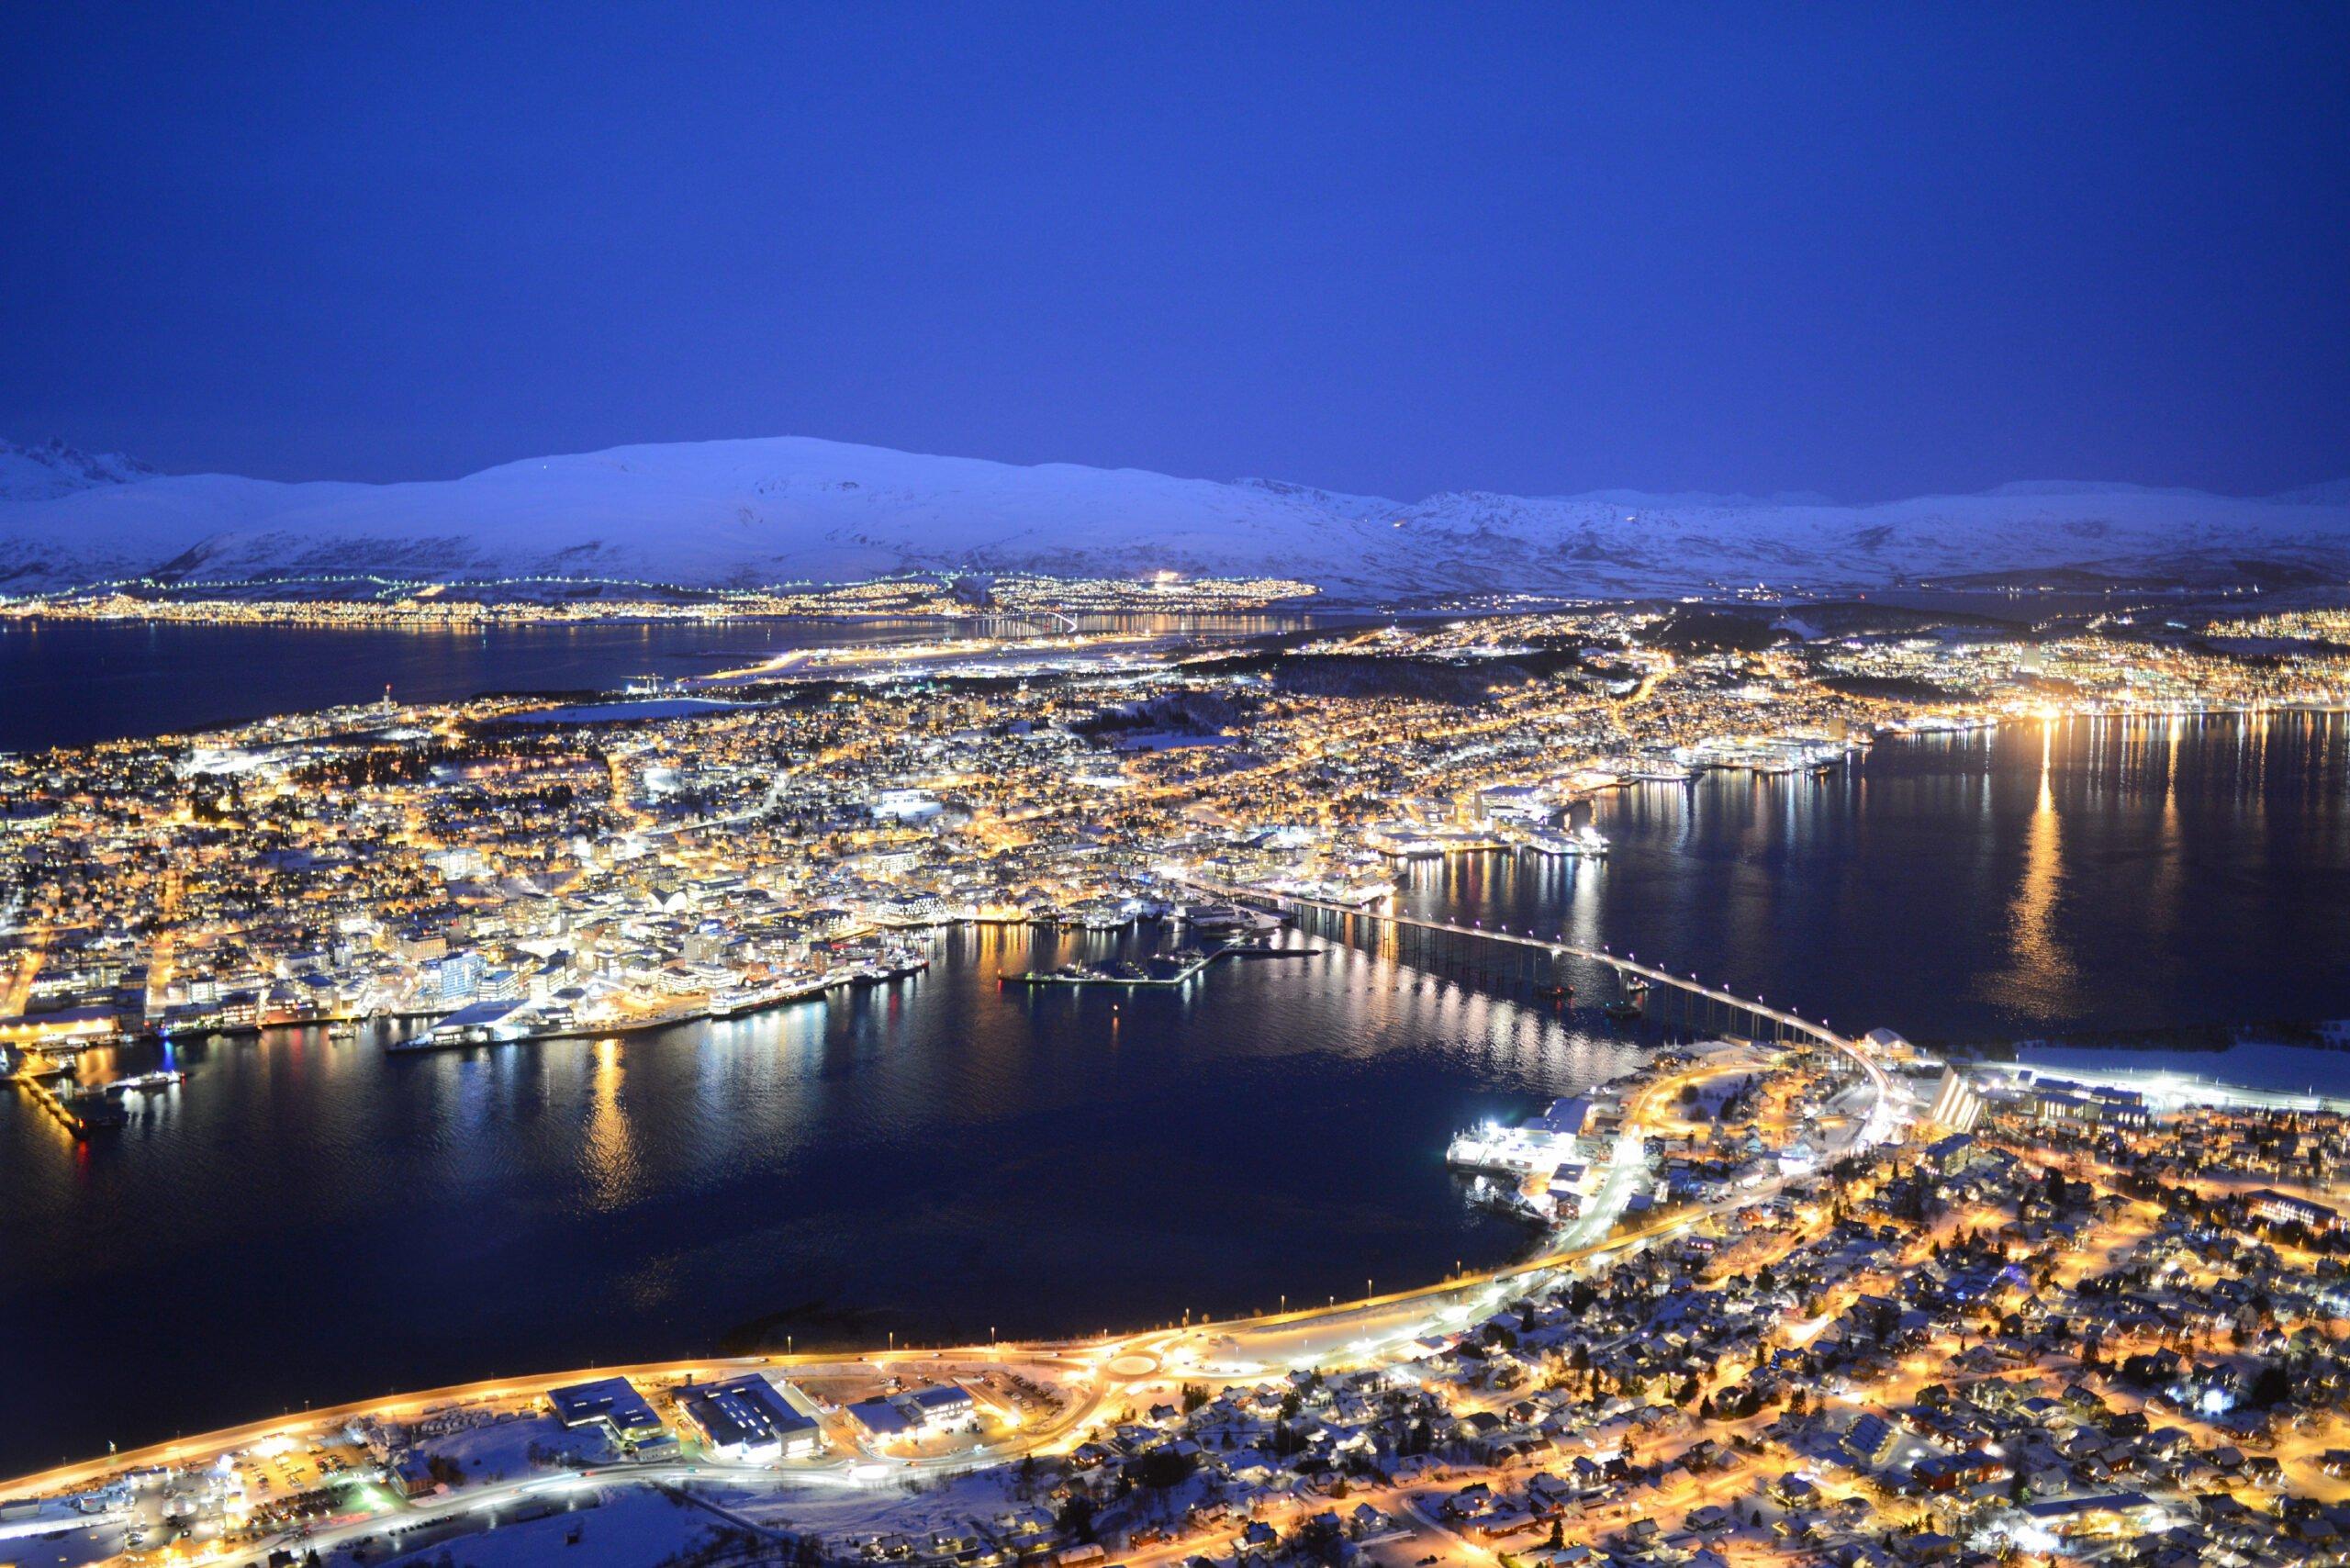 Selge gull i Tromsø